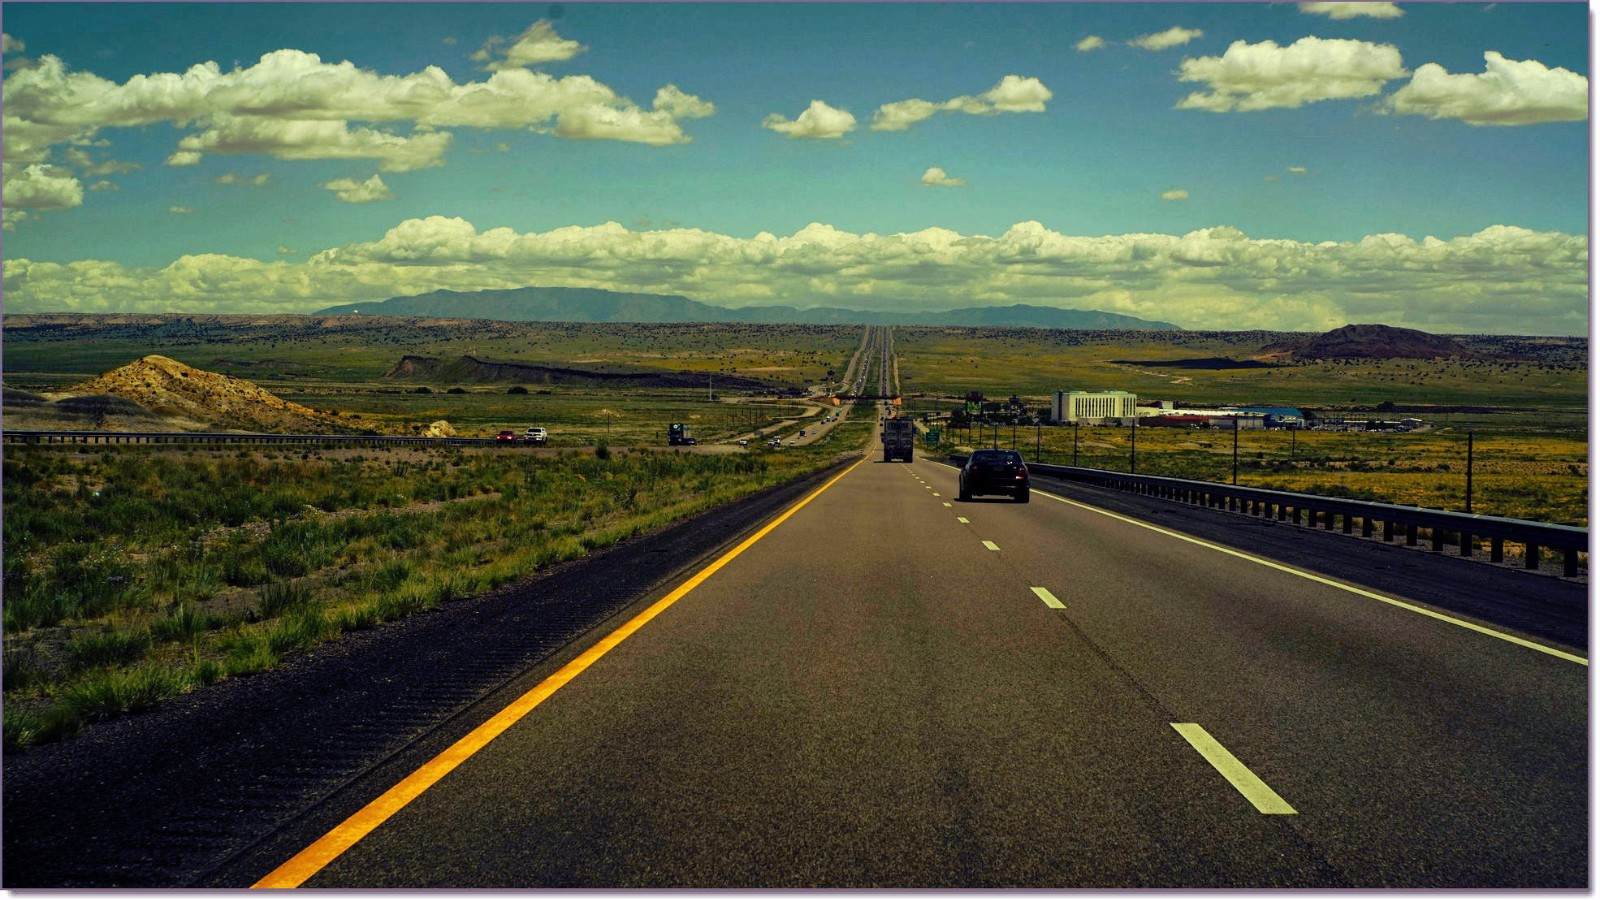 世界最没落公路:曾经每日100万次车流量,如今一天顶多10多辆! 作者: 来源:李不言说旅游